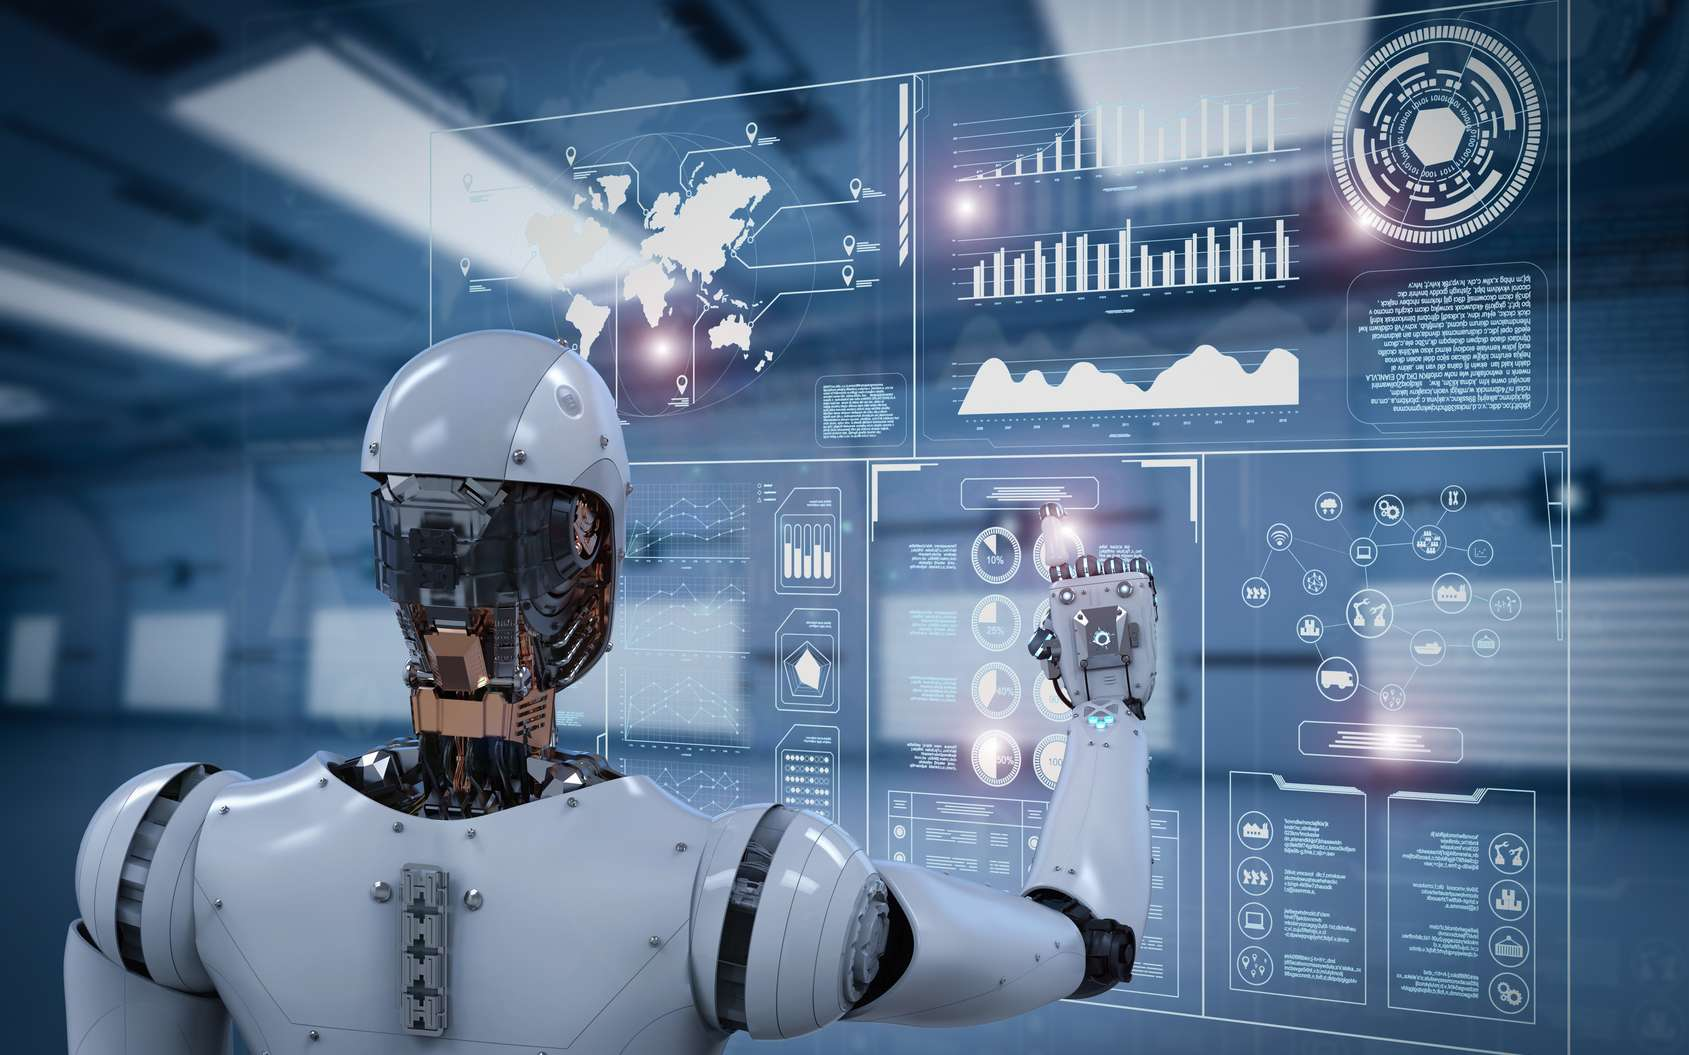 Dans l'espace, l'utilisation de Robots fait partie du quotidien. Ils s'occupent du tout-venant et laissent aux humains le soin des tâches importantes. © phonlamaiphoto, Fotolia